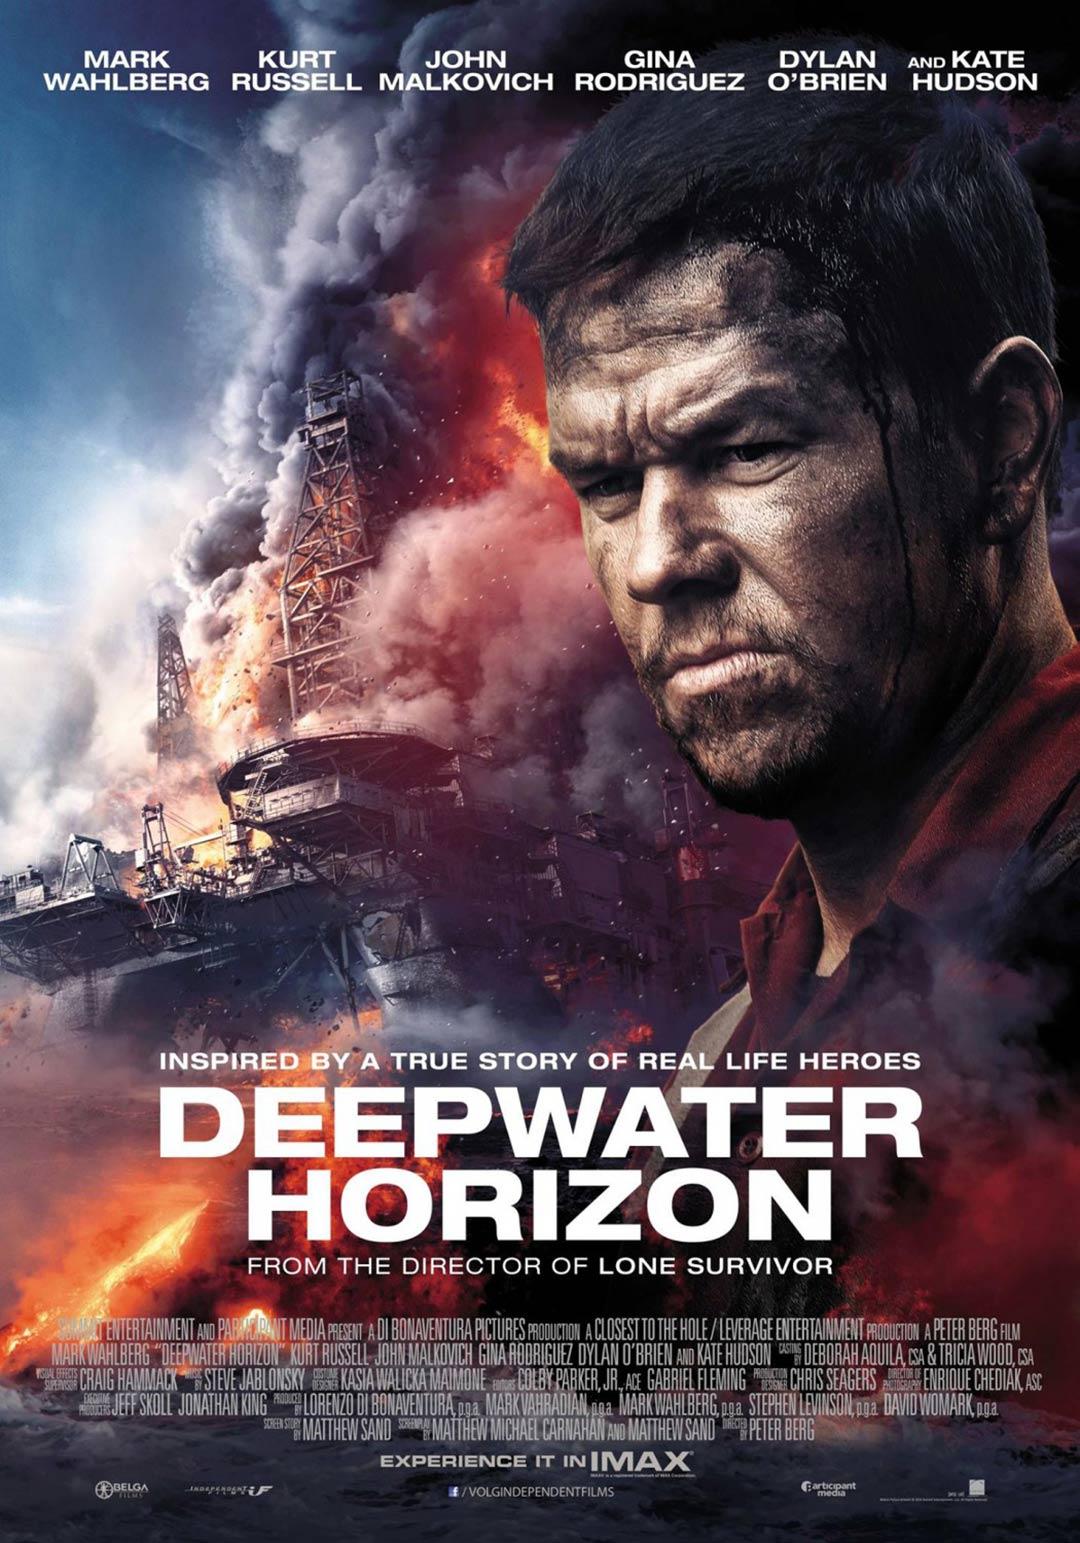 [Deepwater Horizon poster]